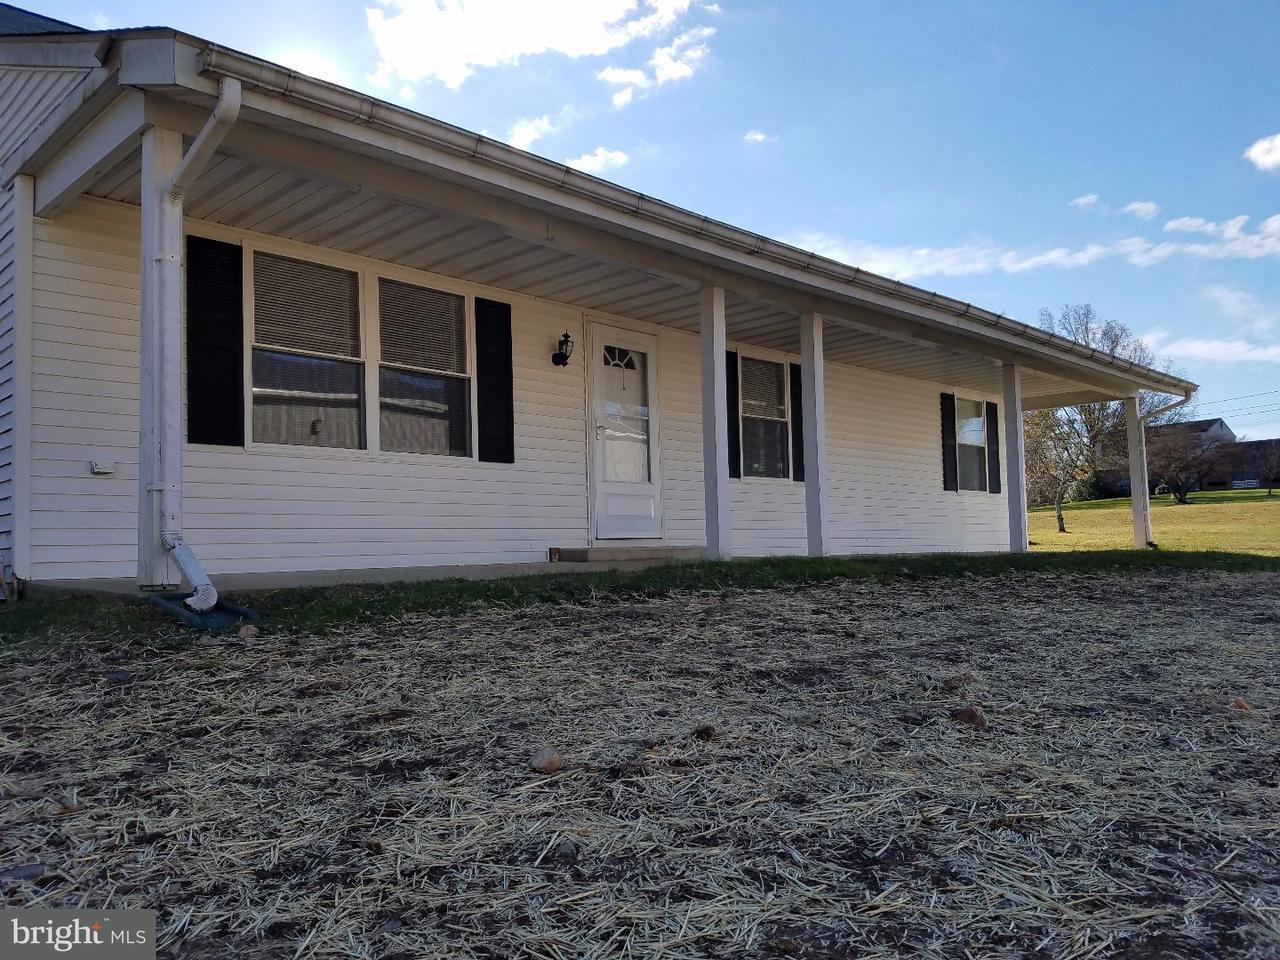 Casa Unifamiliar por un Alquiler en 91 BARRY RD #APT A Chalfont, Pennsylvania 18914 Estados Unidos